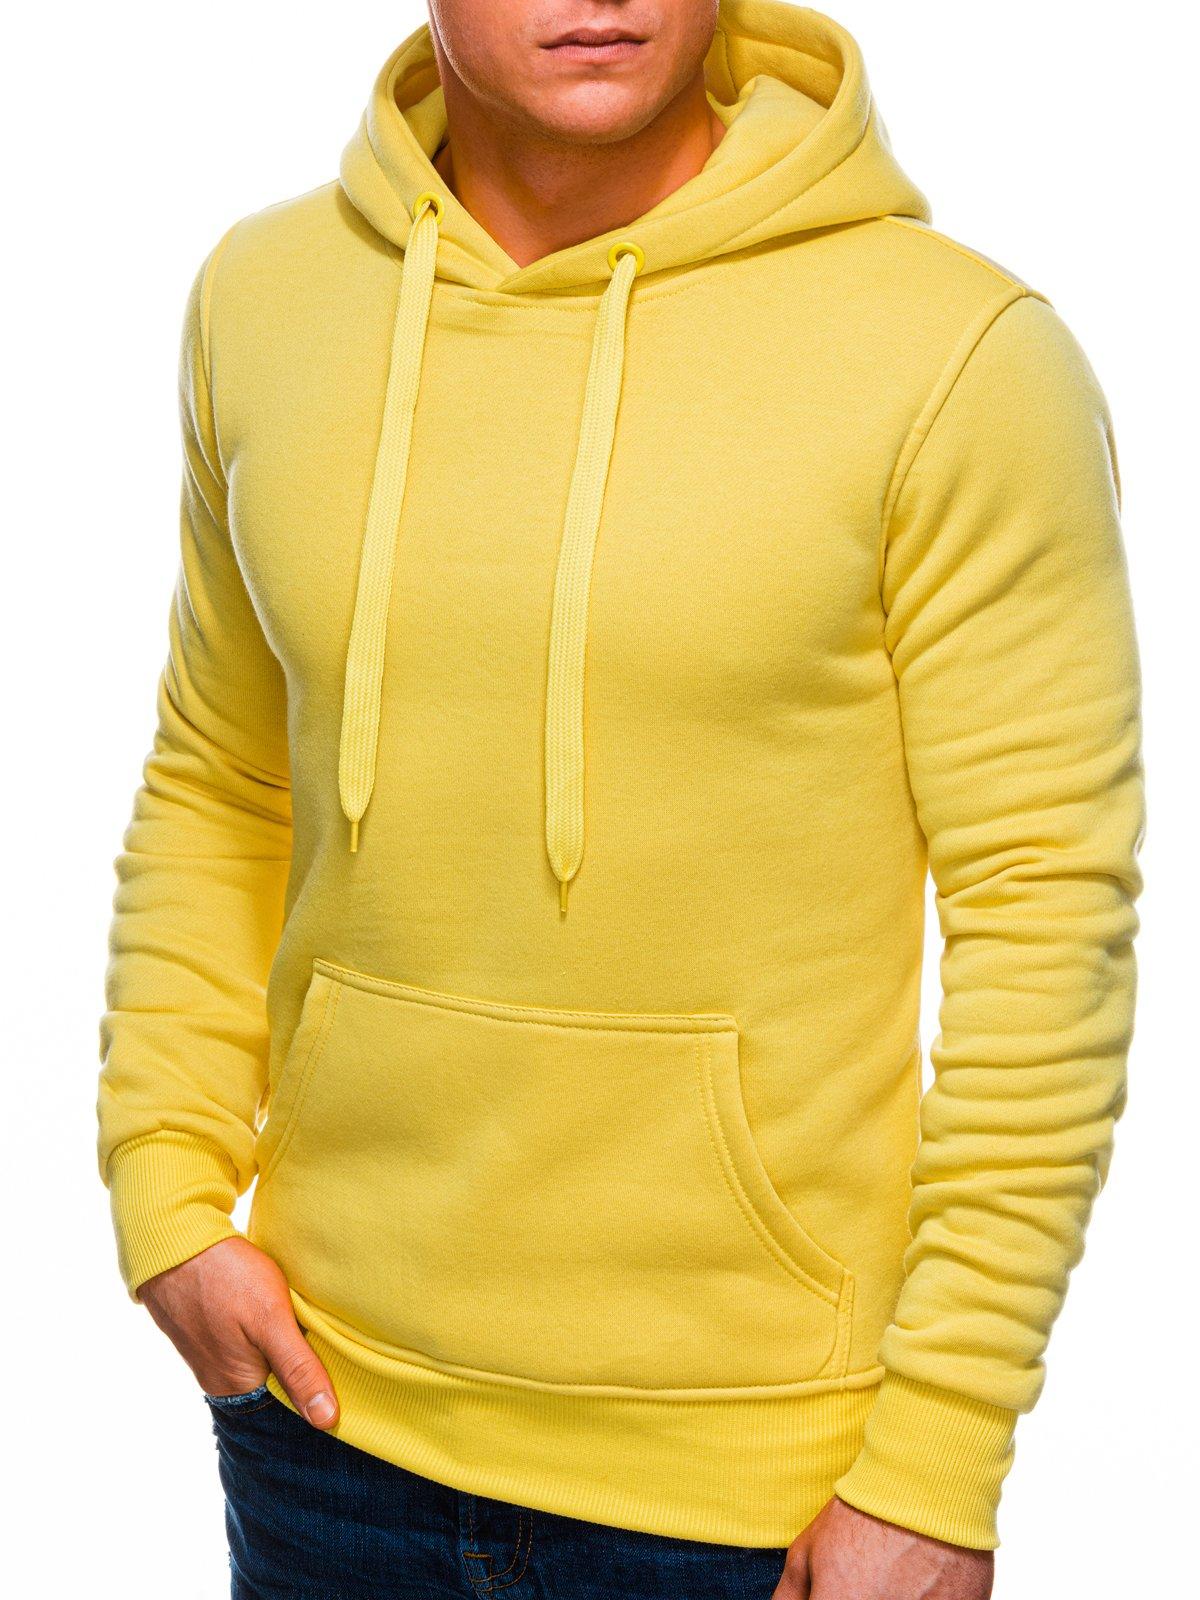 Bluza męska z kapturem 873B żółta